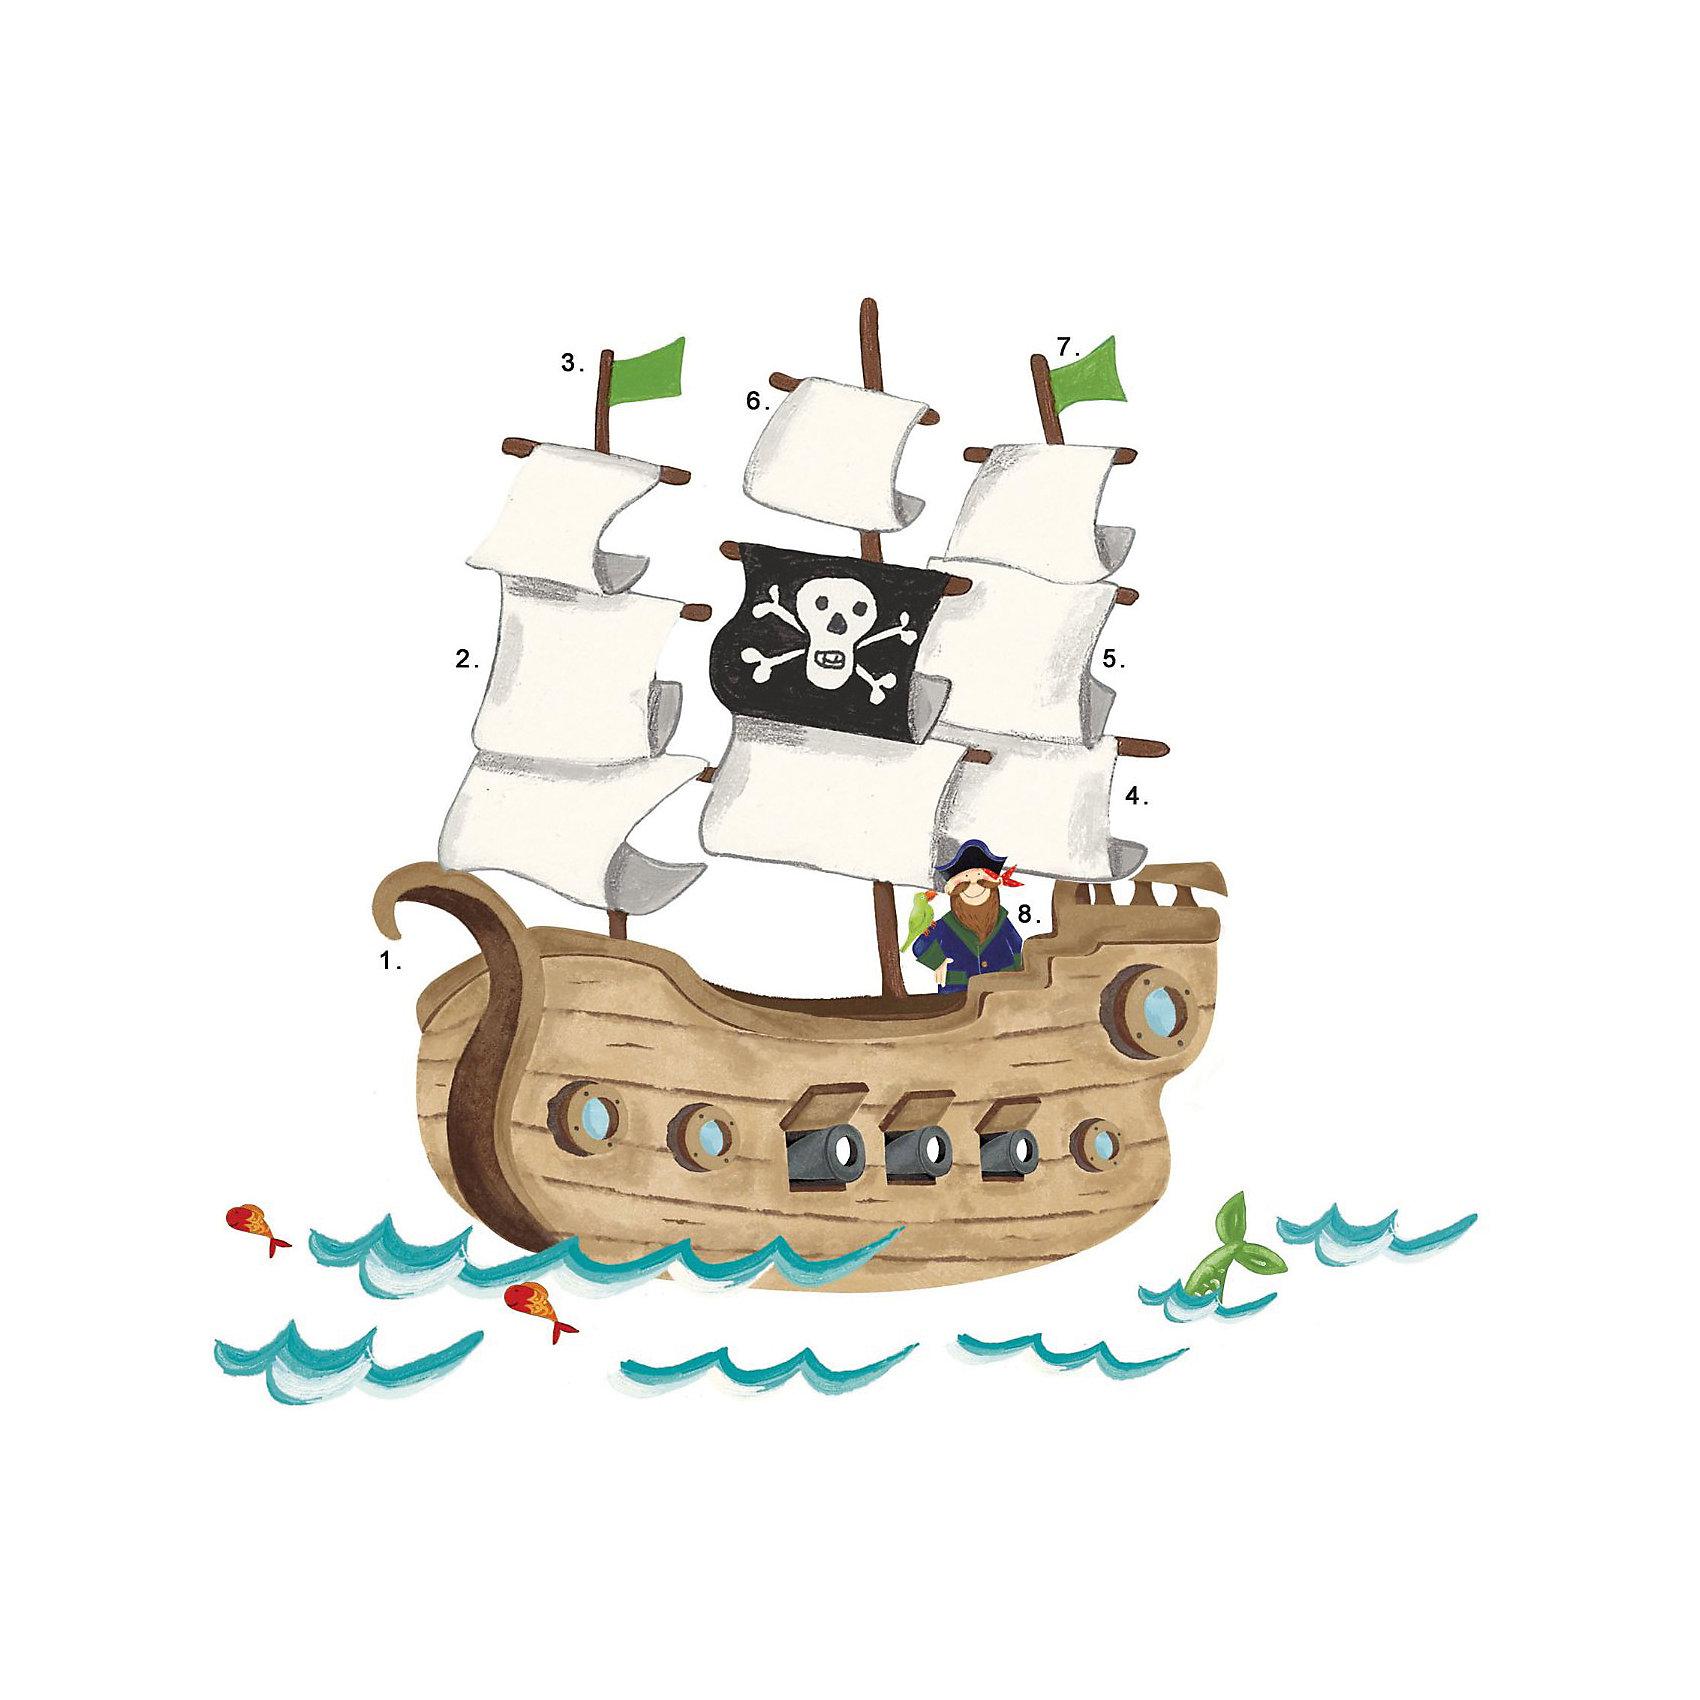 Наклейки для декора Пиратский корабльНаклейки для декора Пиратский корабль, RoomMates, замечательно подойдут для украшения Вашего интерьера и придадут ему оригинальный вид. В комплект входят наклейки большого формата с изображением плывущего по волнам пиратского корабля, с капитаном корабля, стоящим на борту, и его попугаем (всего в наборе 18 стикеров). Наклейки просты в применении и подходят для многоразового использования. Освободите выбранный рисунок от защитного слоя и приклейте на стену или любую другую плоскую гладкую поверхность. Стикеры легко отклеиваются и не оставляют липких следов на поверхности. Яркие наклейки с красочными интересными рисунками будут радовать Вашего ребенка и создавать атмосферу домашнего уюта.<br><br>Дополнительная информация:<br><br>- В комплекте: 18 наклеек.<br>- Материал: винил.<br>- Размер изображения в собранном виде: 92,7 х 109,8 см.<br>- Размер упаковки: 68,6 х 9 х 6,3 см. <br>- Вес: 0,454 кг. <br><br>Наклейки для декора Пиратский корабль, RoomMates, можно купить в нашем интернет-магазине.<br><br>Ширина мм: 6800<br>Глубина мм: 6800<br>Высота мм: 34<br>Вес г: 6800<br>Возраст от месяцев: 36<br>Возраст до месяцев: 144<br>Пол: Мужской<br>Возраст: Детский<br>SKU: 4652190